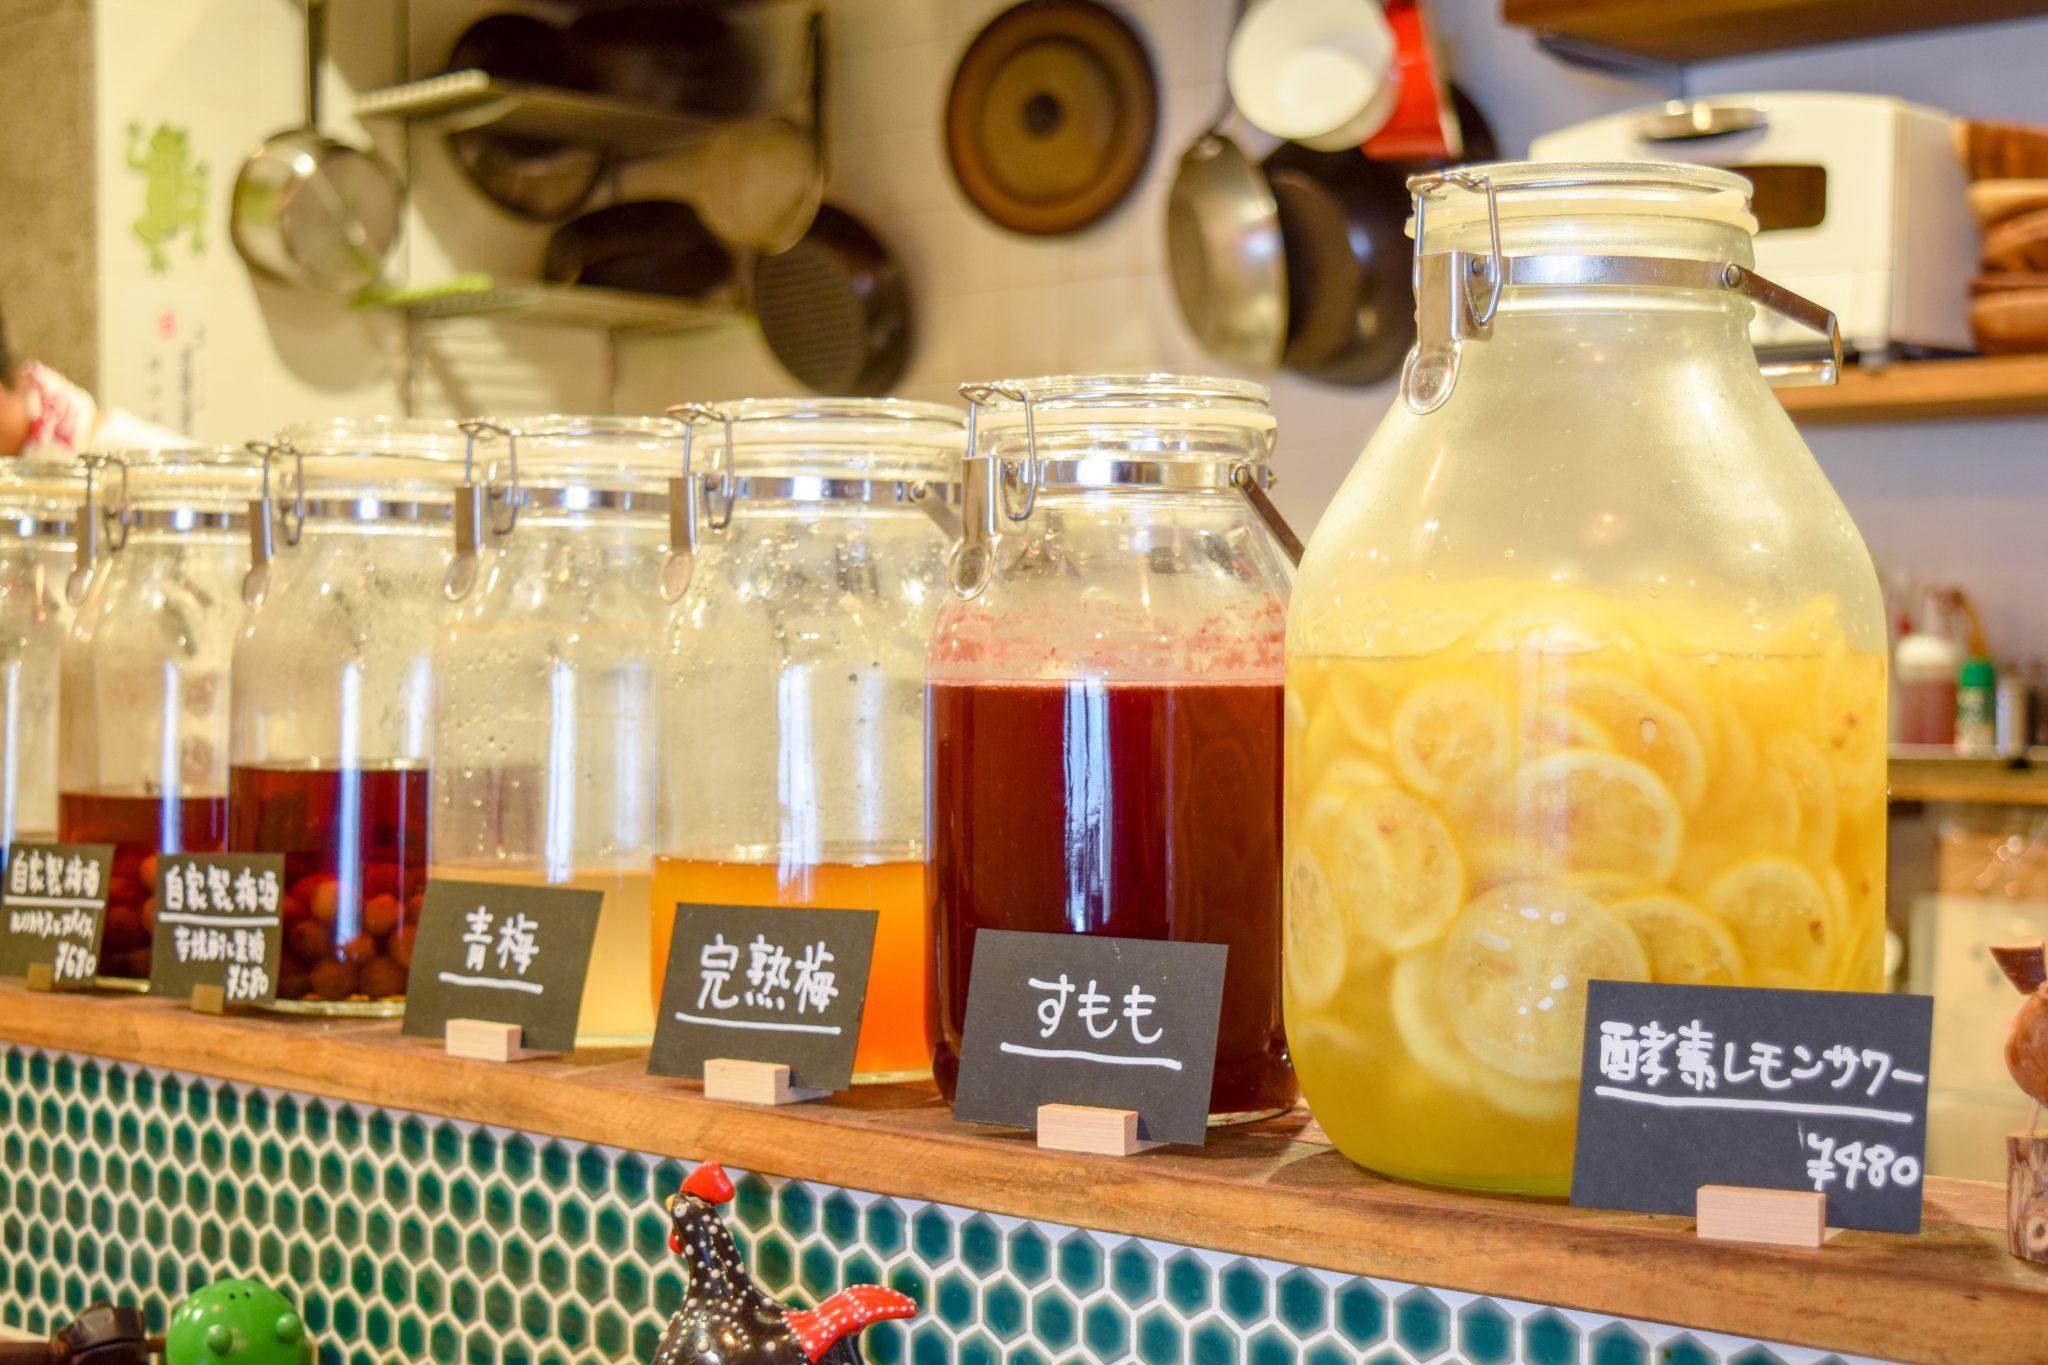 発酵酒場 かえるのより道 甲府市 グルメ 居酒屋 1